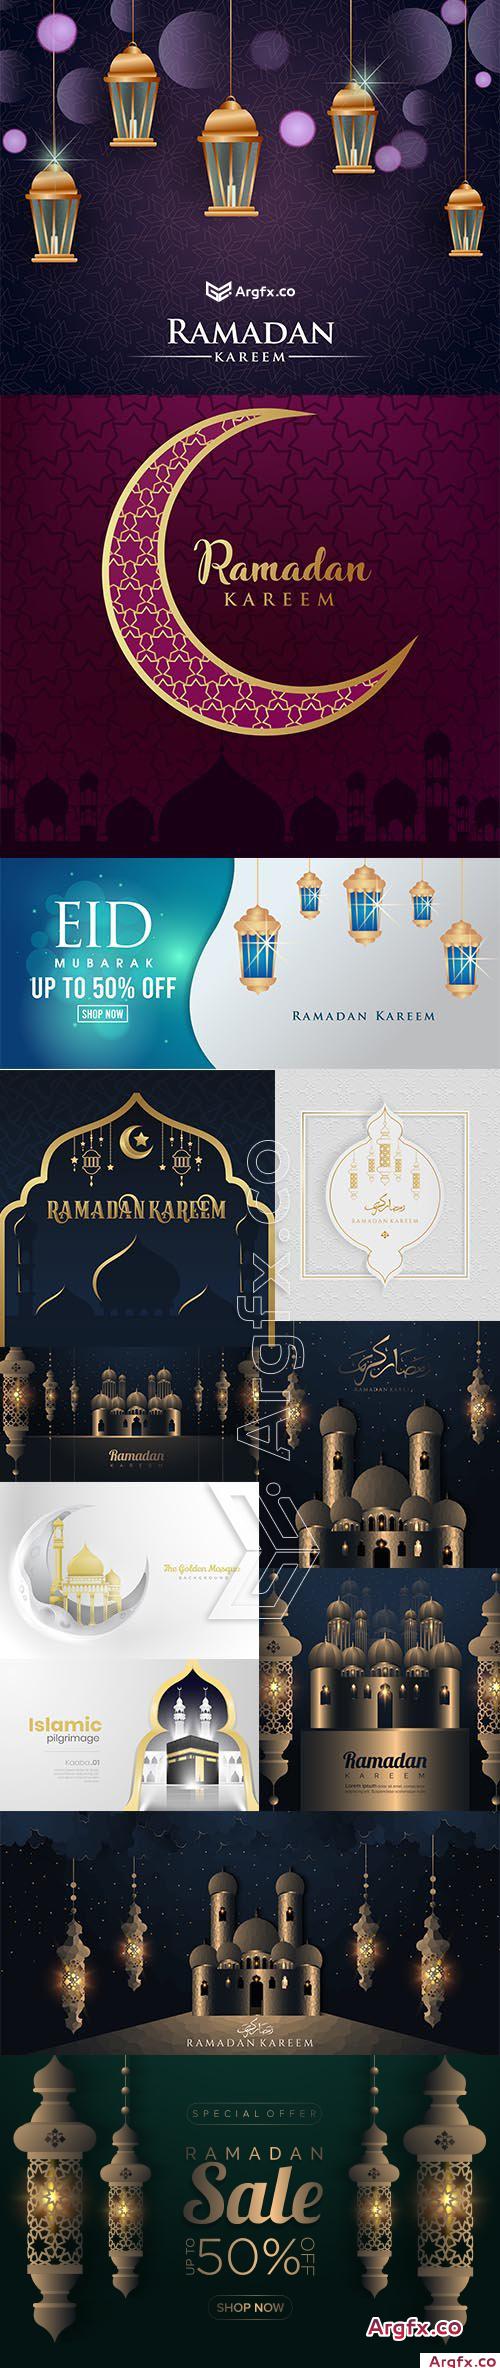 Ramadan Kareem Elegant Background Collection